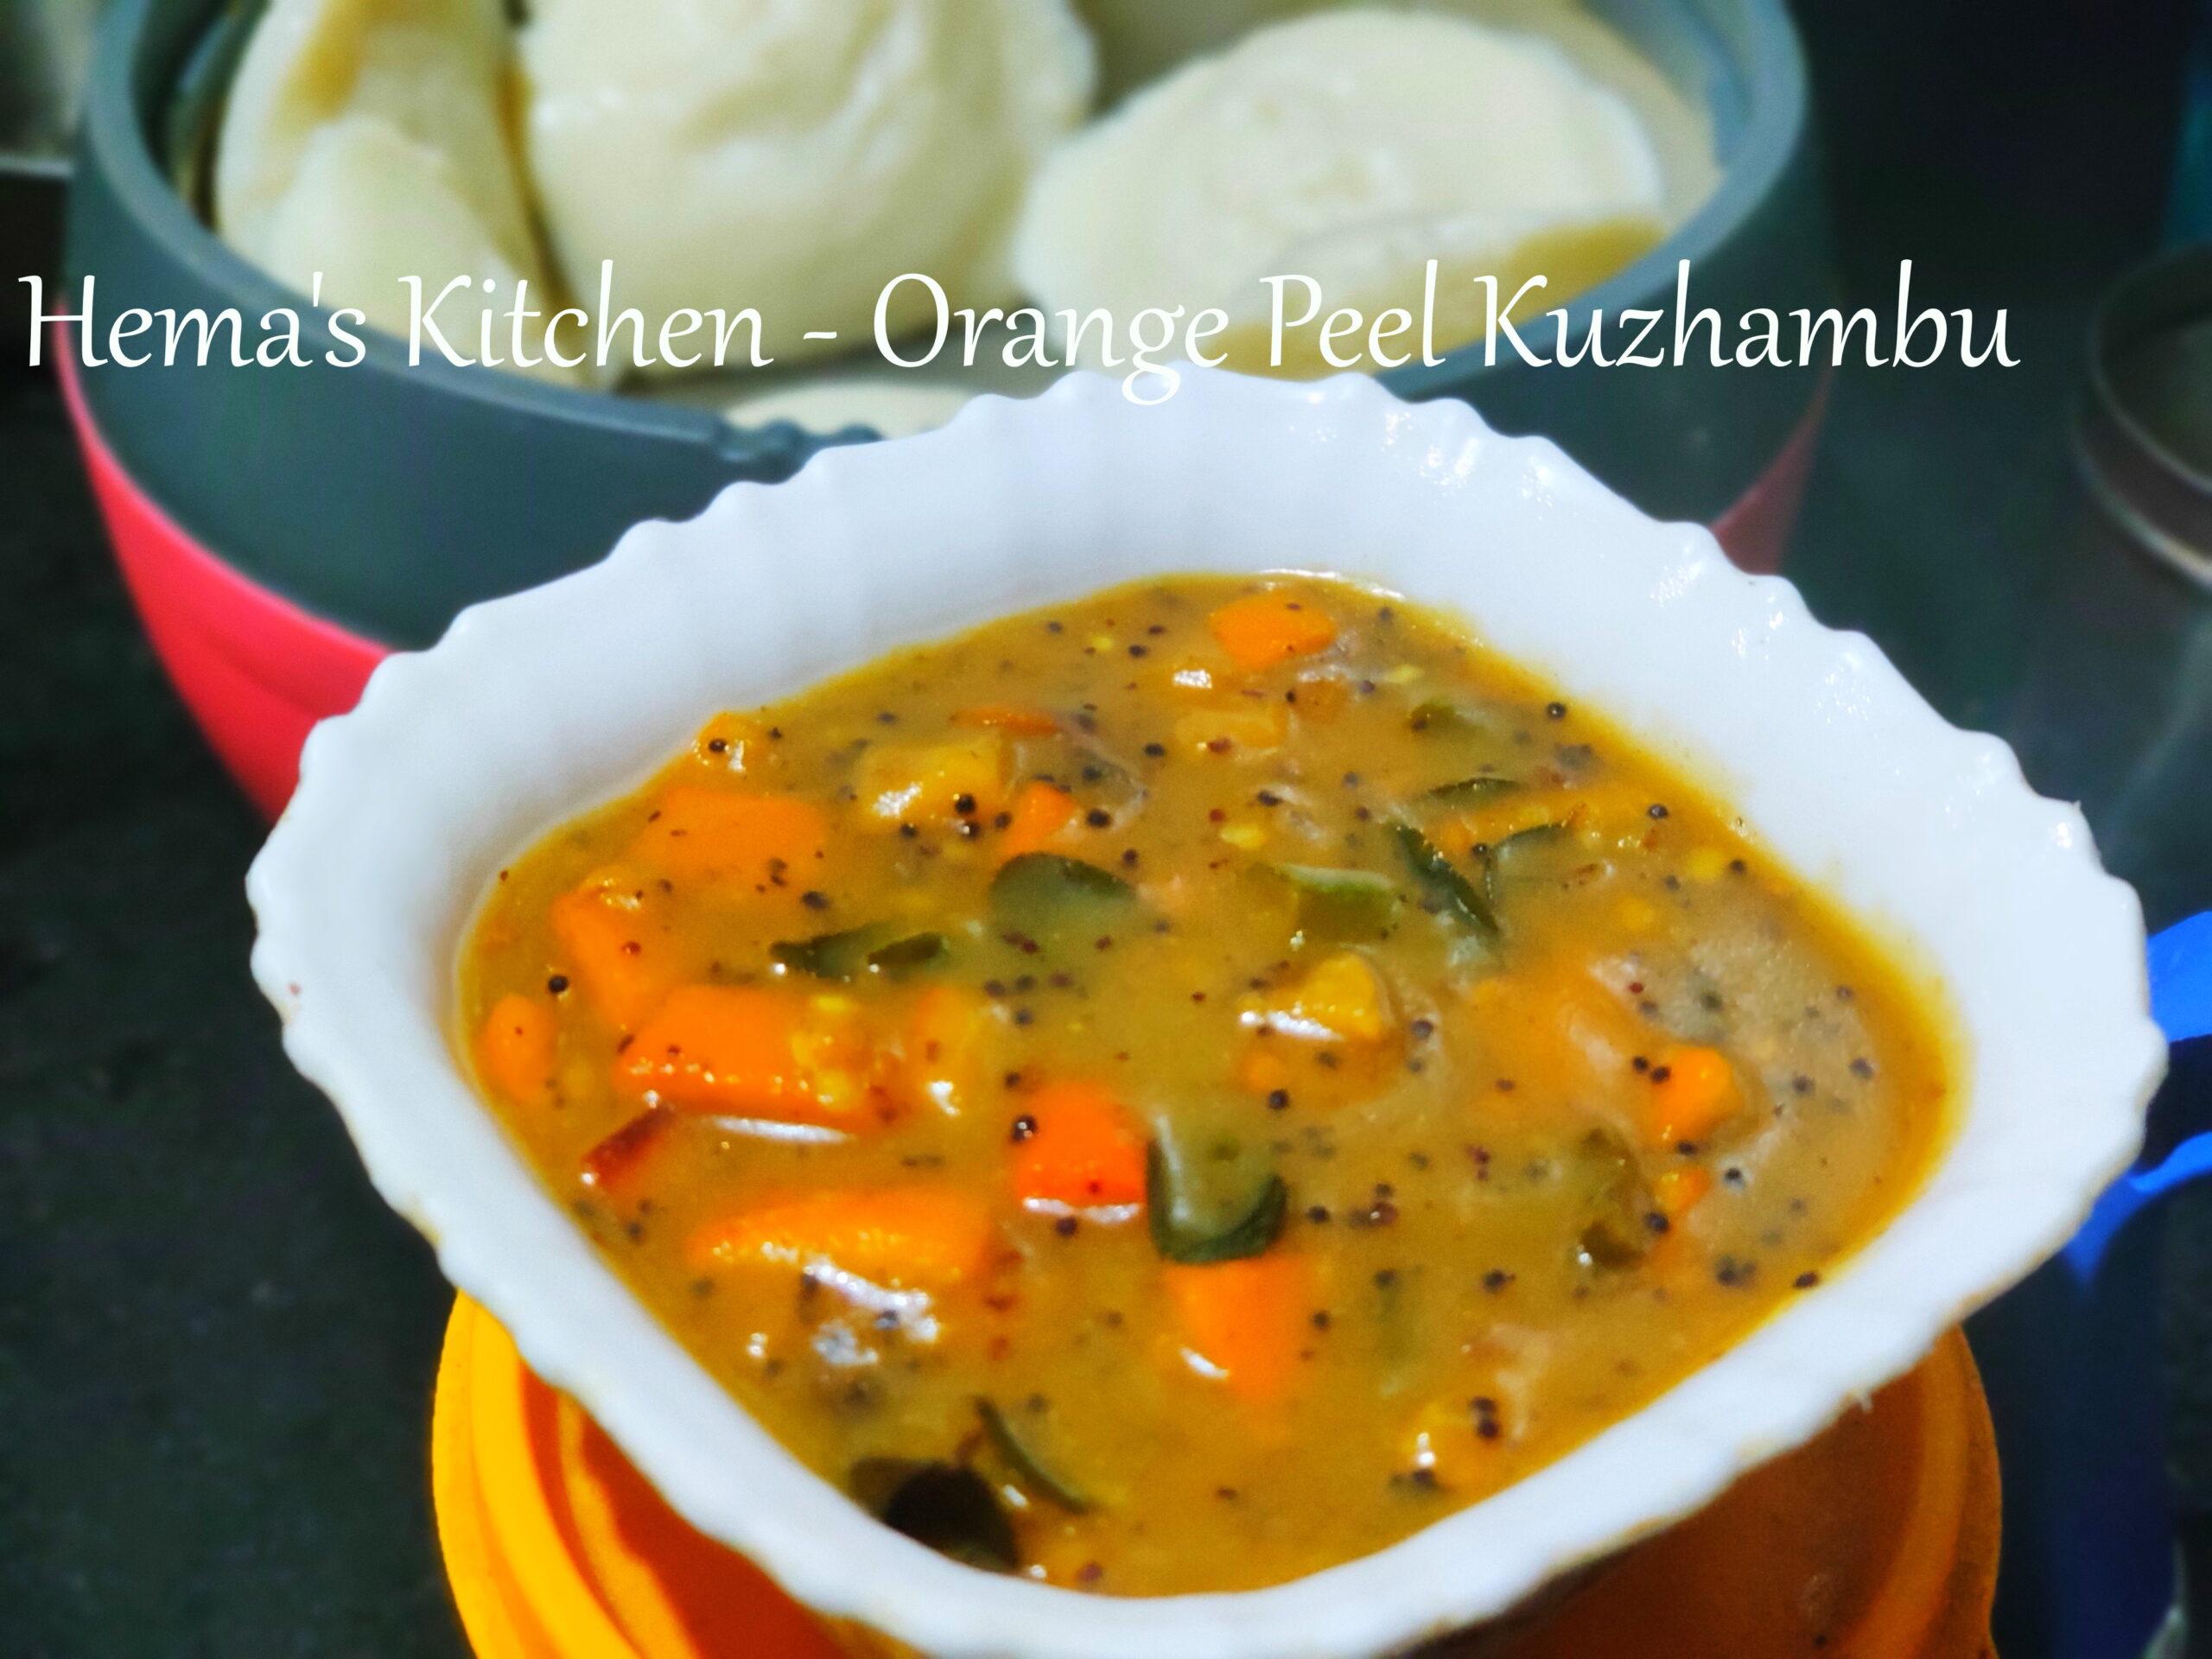 Orange Peel Kuzhambu